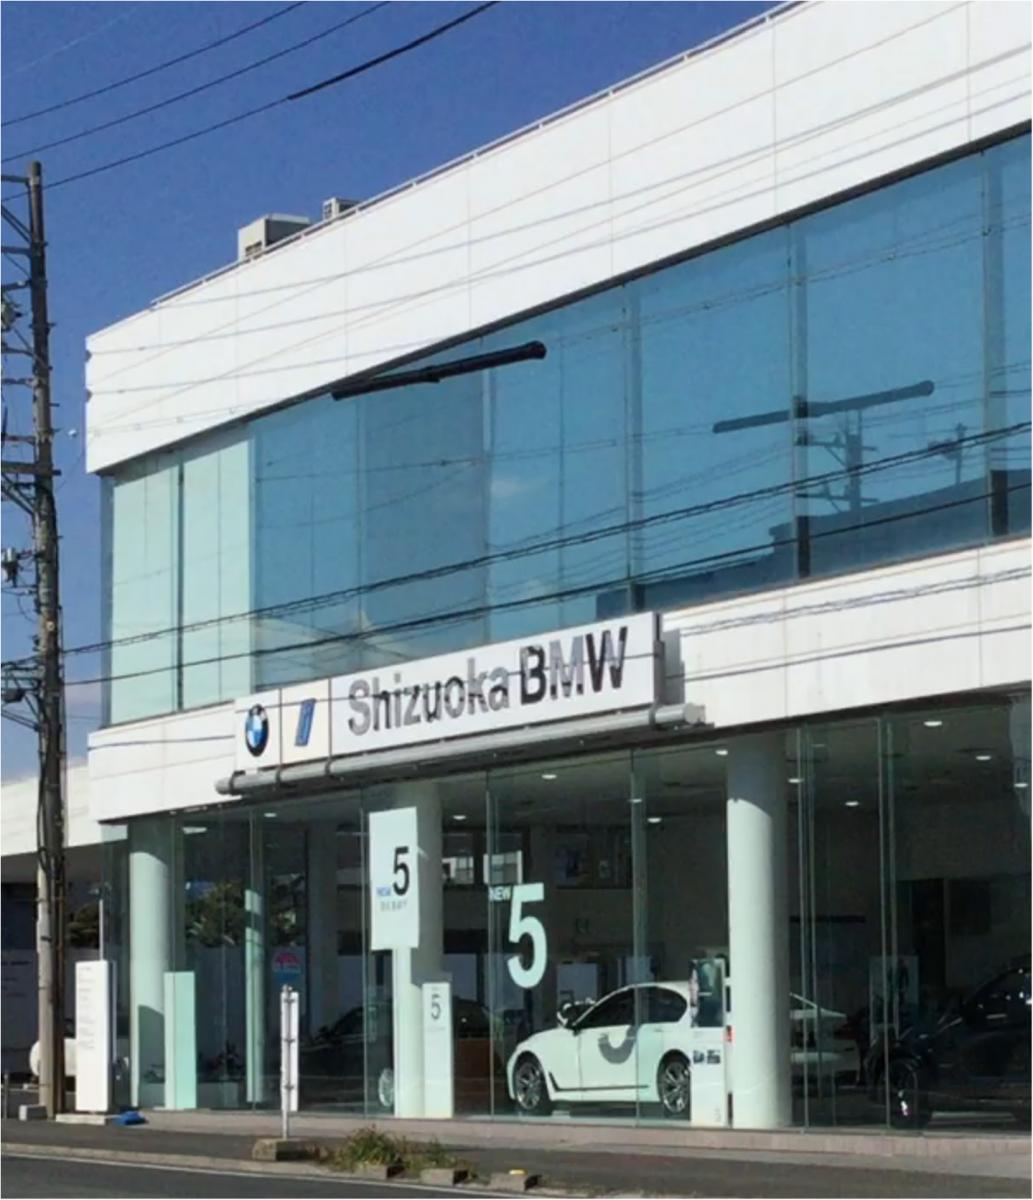 Shizuoka BMWイメージ1